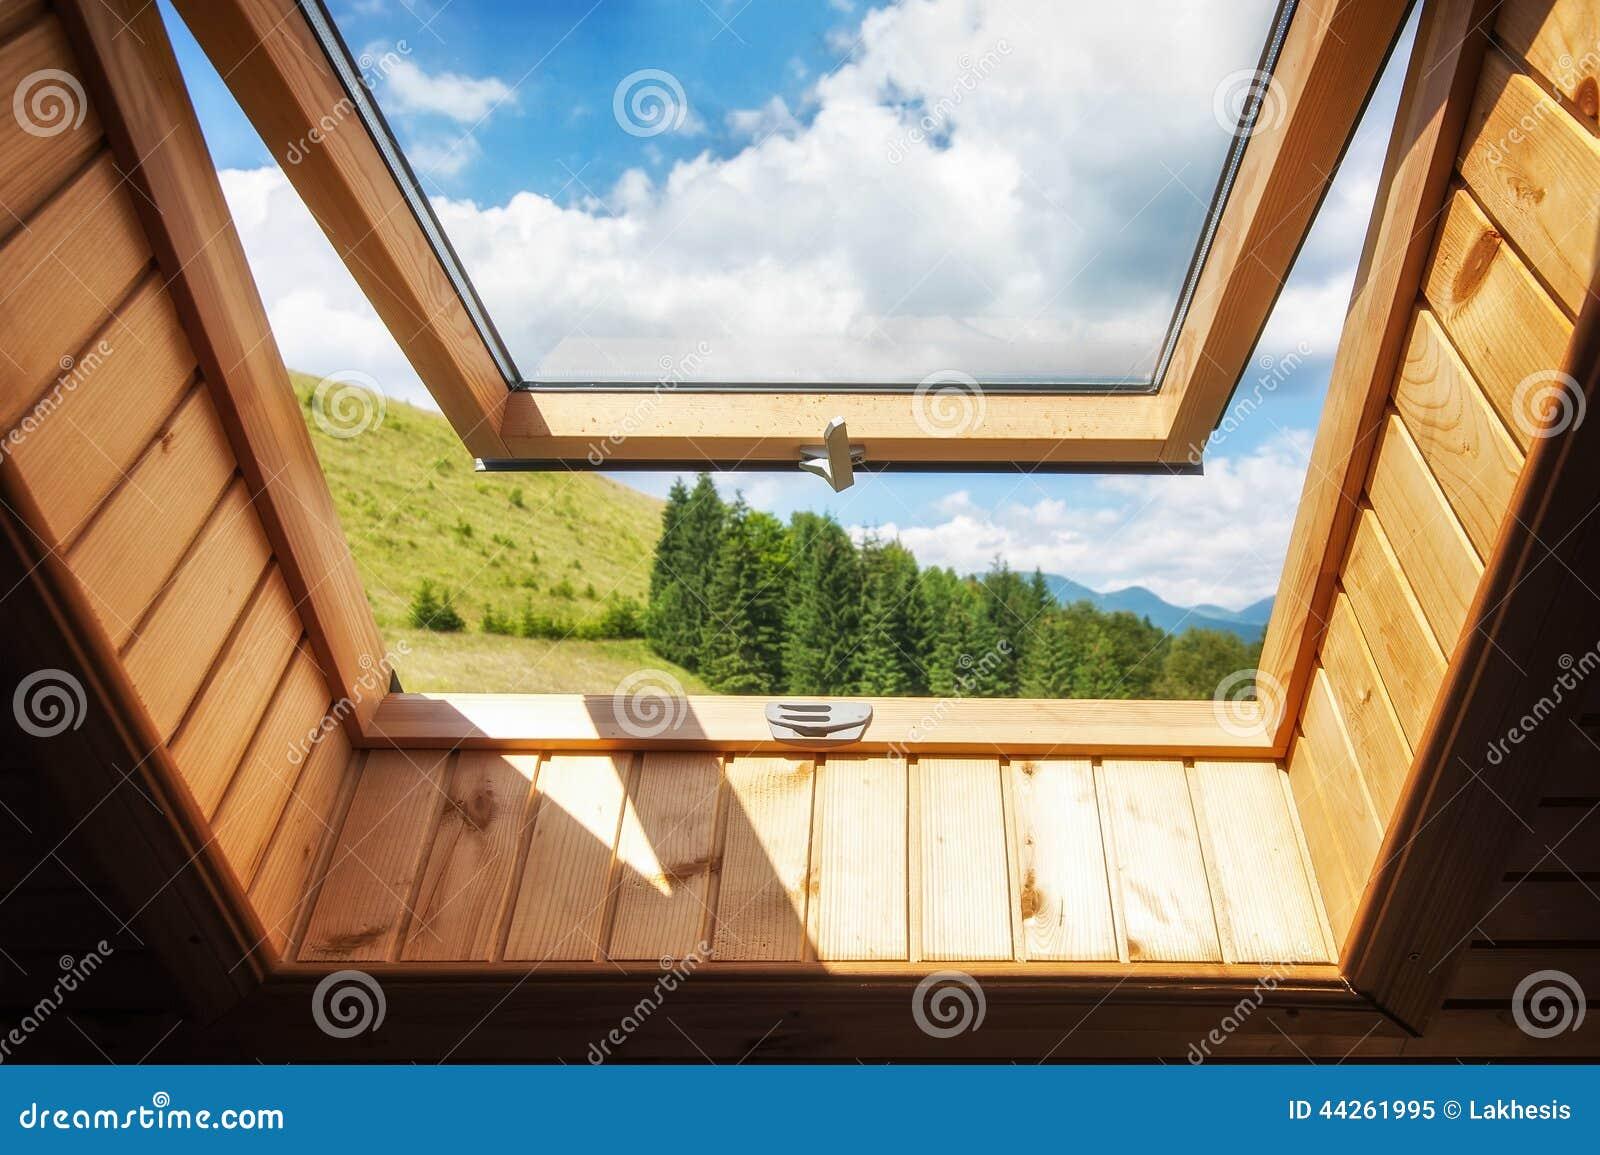 Открытое окно на доме деревни деревянном в горах Стоковое ...: https://ru.dreamstime.com/%D1%81%D1%82%D0%BE%D0%BA%D0%BE%D0%B2%D0%BE%D0%B5-%D1%84%D0%BE%D1%82%D0%BE-%D0%BE%D1%82%D0%BA%D1%80%D1%8B%D1%82%D0%BE%D0%B5-%D0%BE%D0%BA%D0%BD%D0%BE-%D0%BD%D0%B0-%D0%BE%D0%BC%D0%B5-%D0%B5%D1%80%D0%B5%D0%B2%D0%BD%D0%B8-%D0%B5%D1%80%D0%B5%D0%B2%D1%8F%D0%BD%D0%BD%D0%BE%D0%BC-%D0%B2-%D0%B3%D0%BE%D1%80%D0%B0%D1%85-image44261995